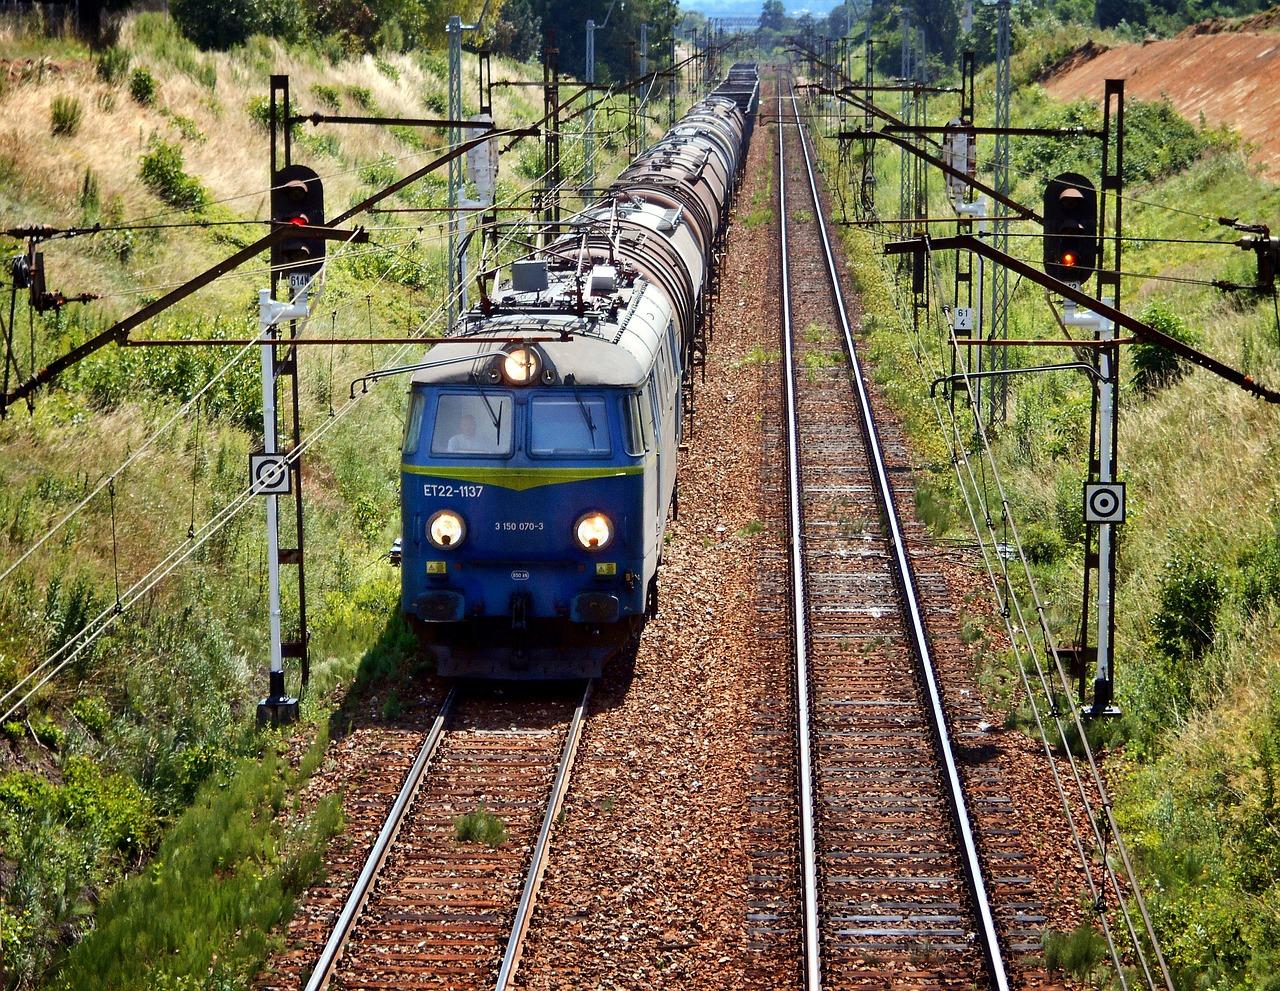 Obrazek dotyczący targów TRAKO 2017 przedstawia jadący pociąg.